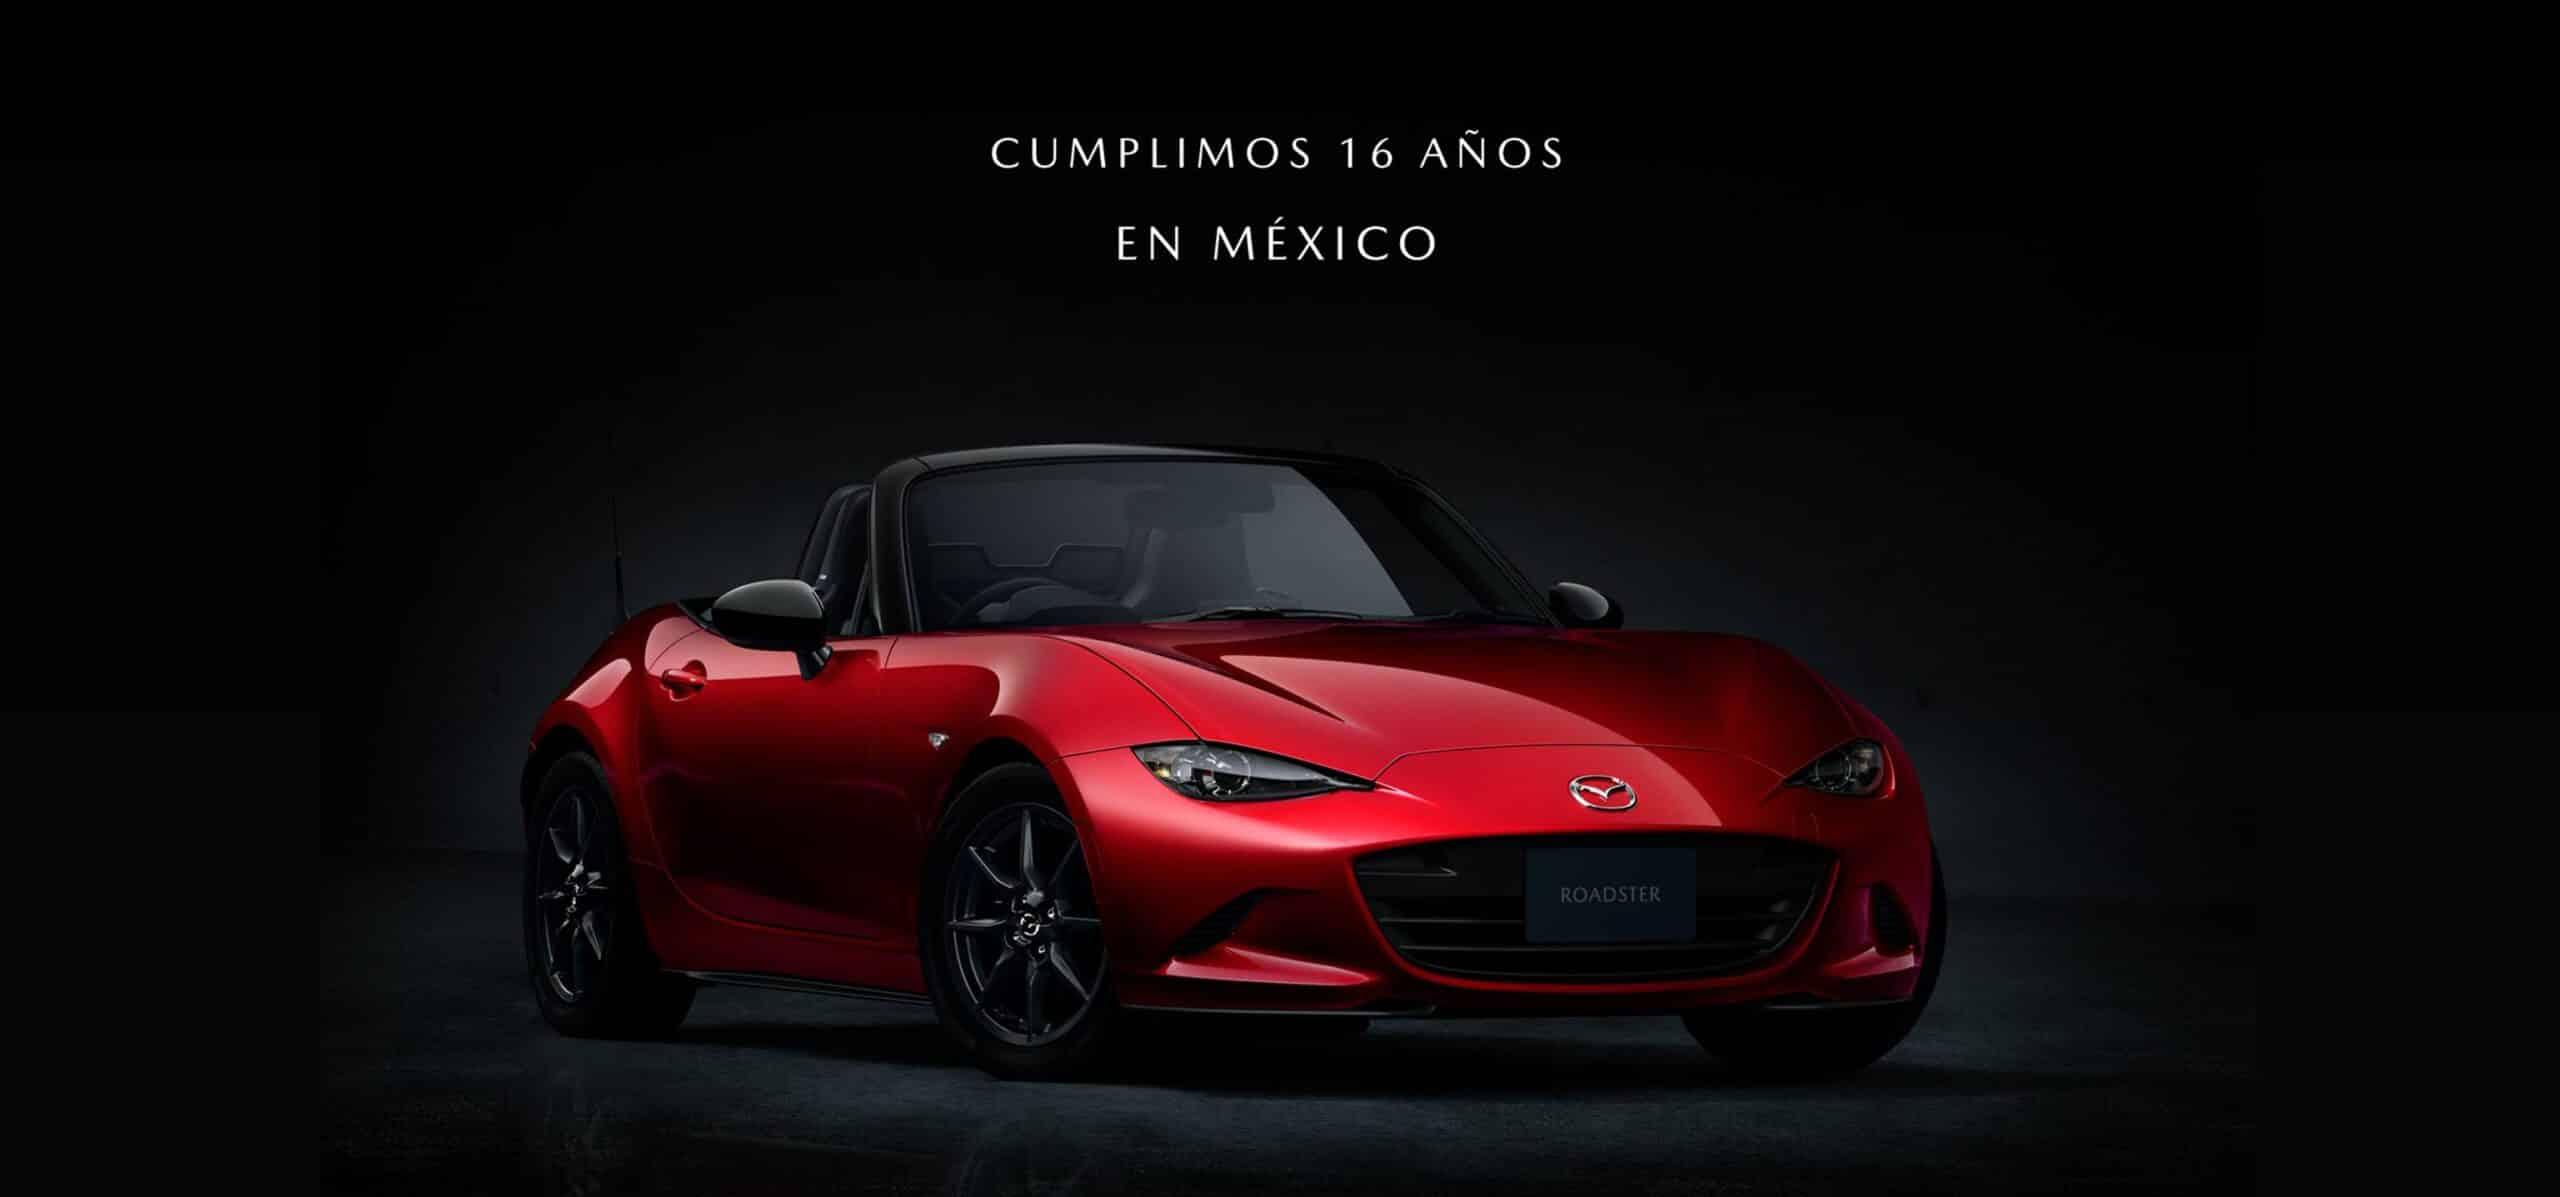 Mazda cumple 16 años en México